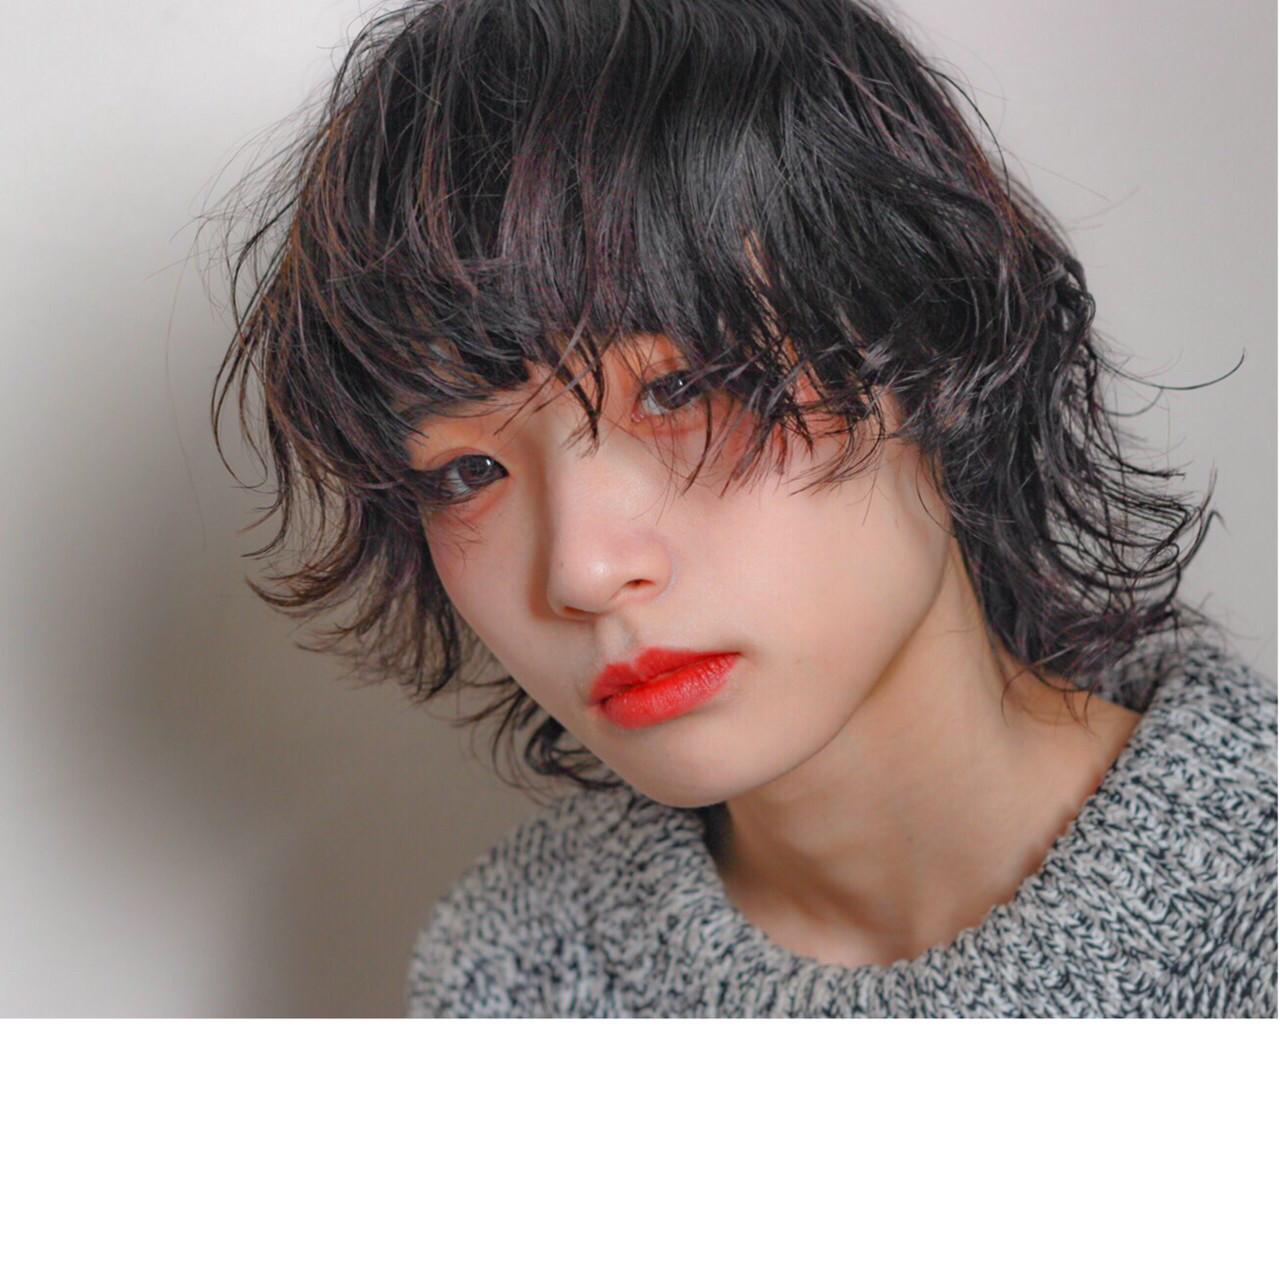 ウルフ女子 ウルフパーマヘア パーマ ウルフカット ヘアスタイルや髪型の写真・画像